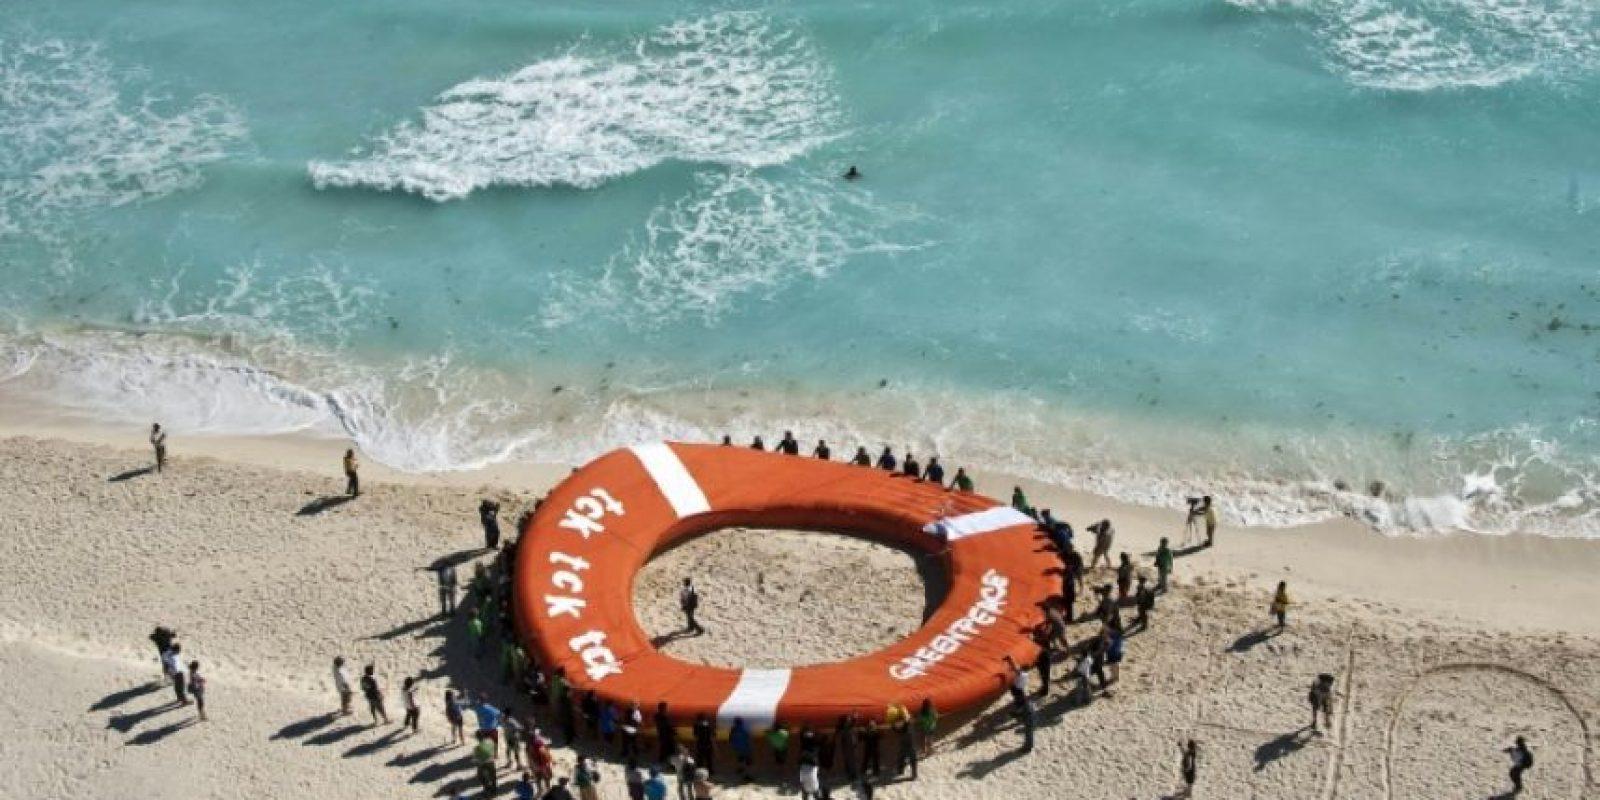 Miembros de la ONG ecologista Greenpeace se manifiestan usando un salvavidas gigante, en una playa de Cancún, México, en el marco de la conferencia COP13 del Convenio sobre la Diversidad Biológica en Cancún, México, el 2 de diciembre de 2016. Foto:Ronaldo Schemidt/afp.com